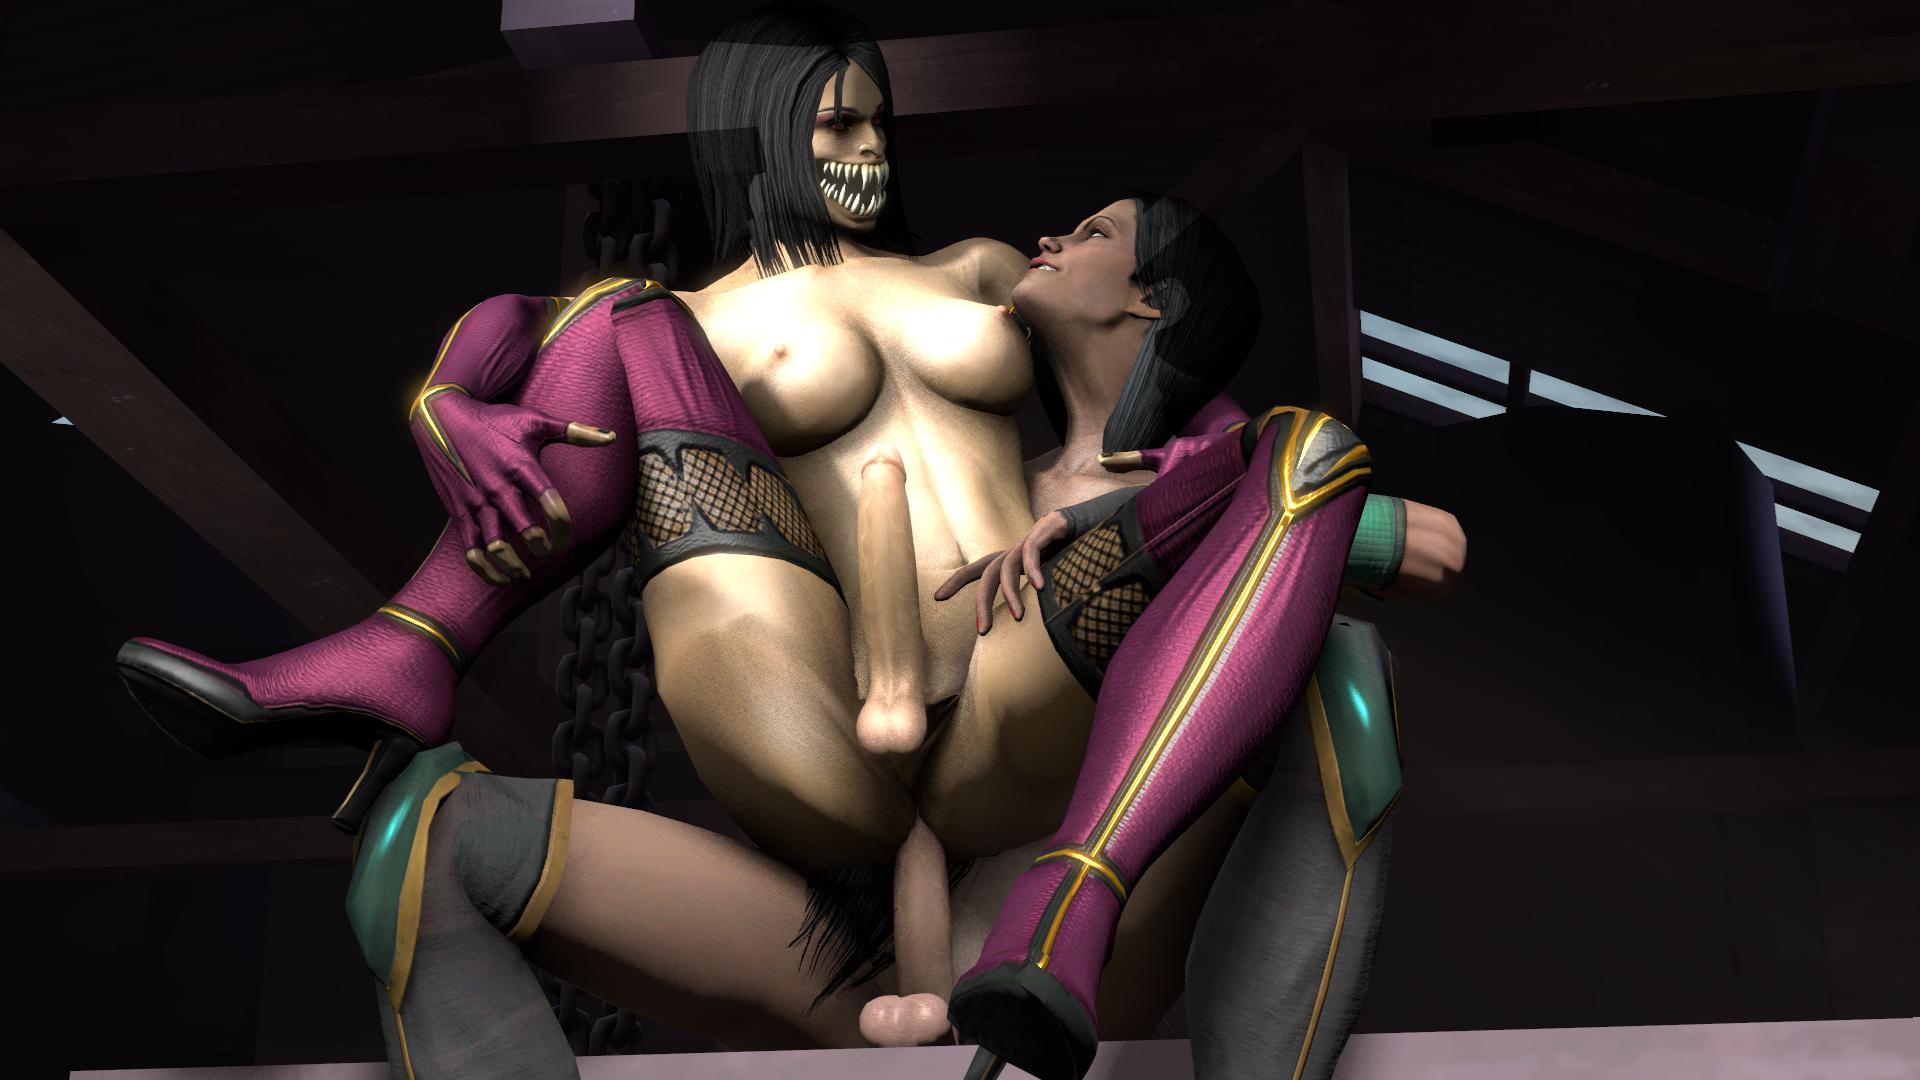 Jade real mk porn